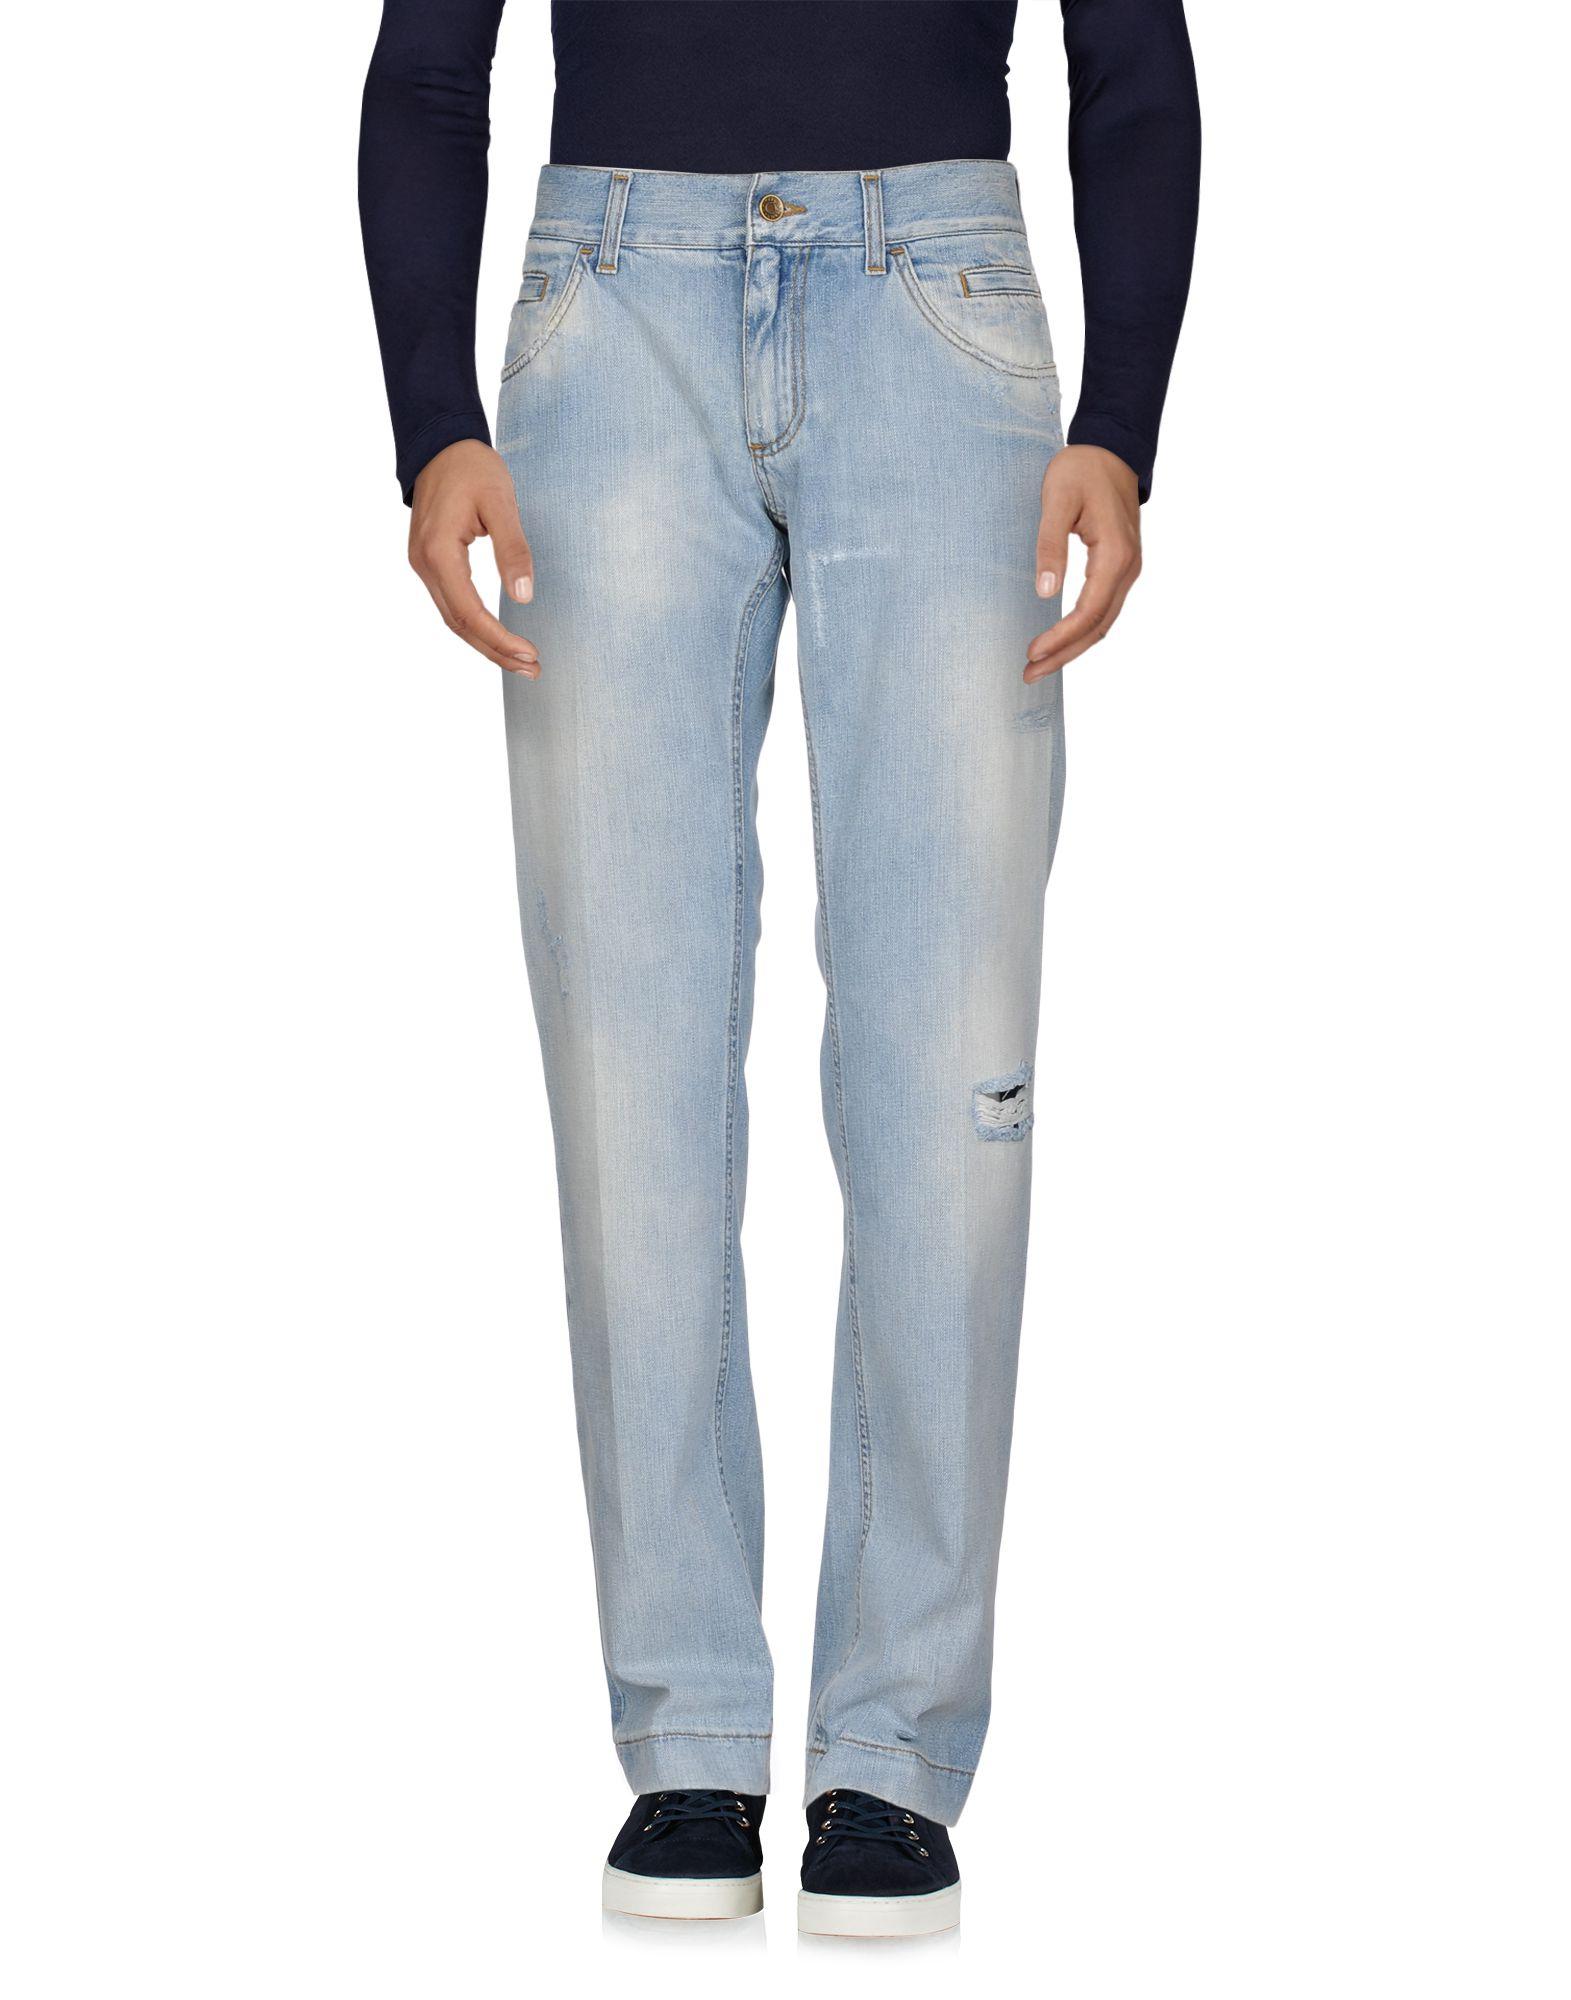 Pantaloni Jeans Dolce & Gabbana Uomo Uomo Gabbana - 42683923MR 74da6d